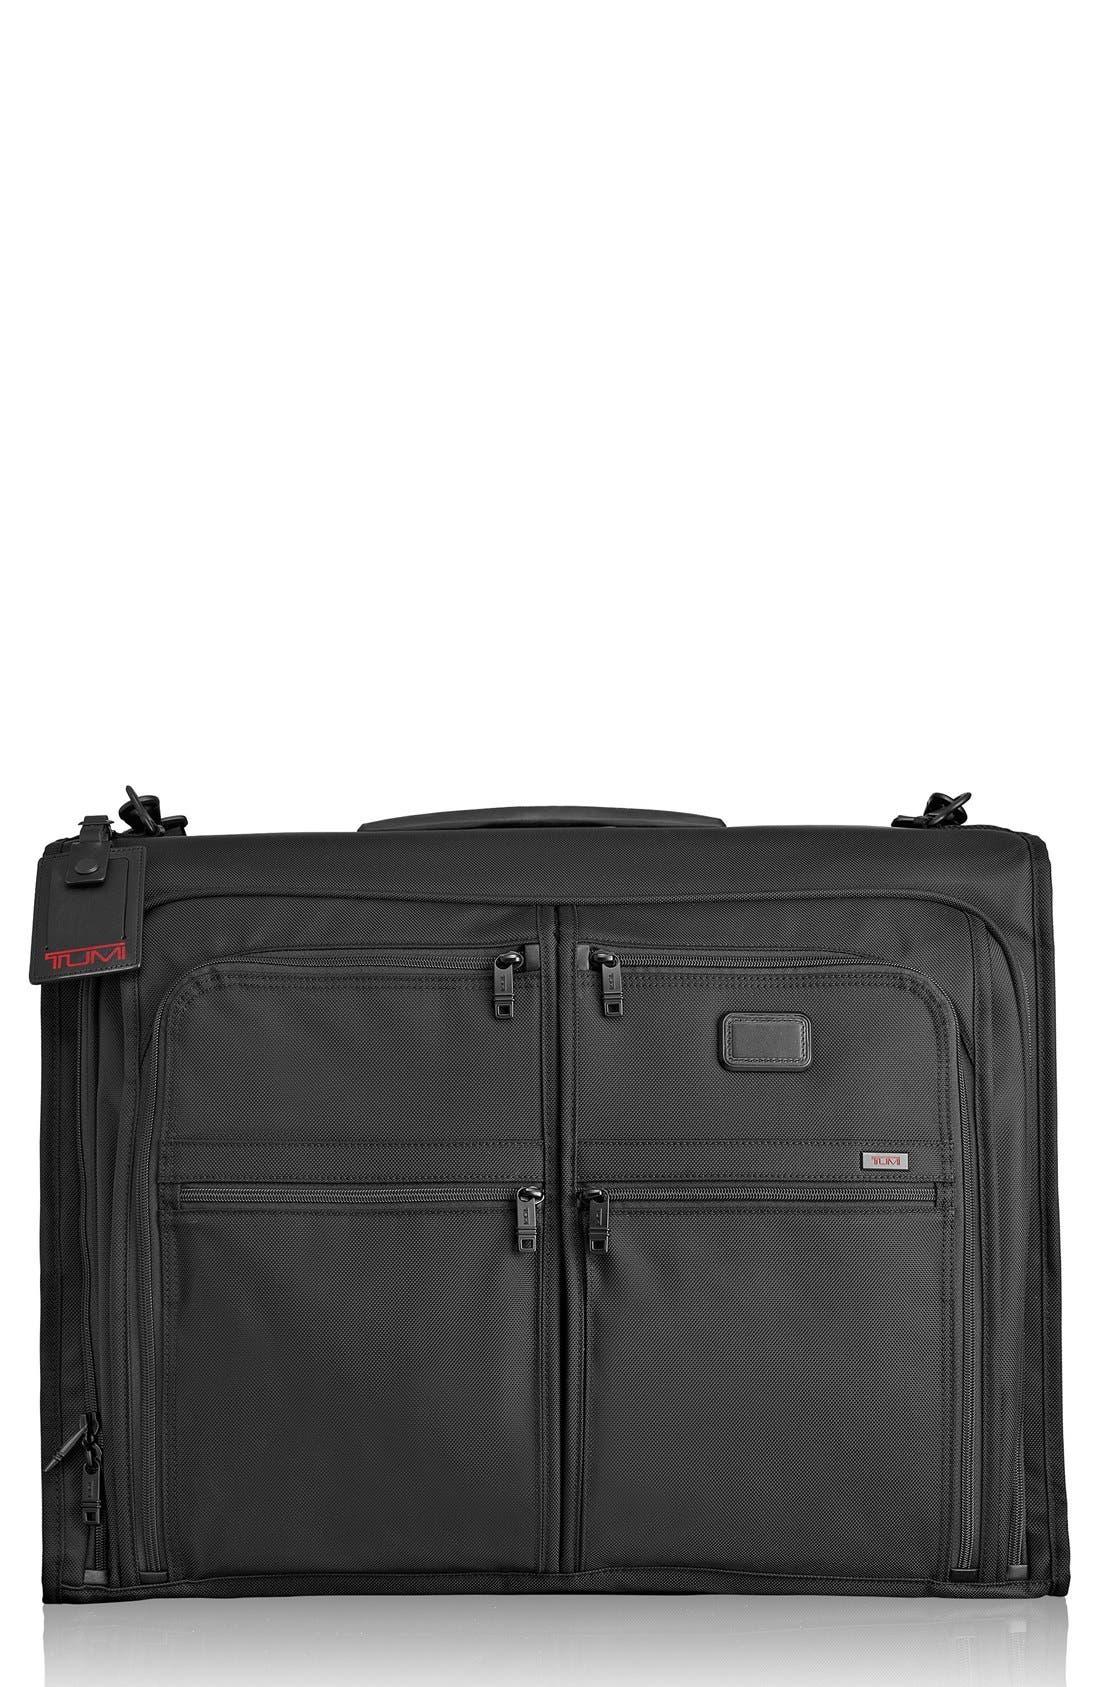 Alpha 2 Classic Garment Bag,                         Main,                         color, Black